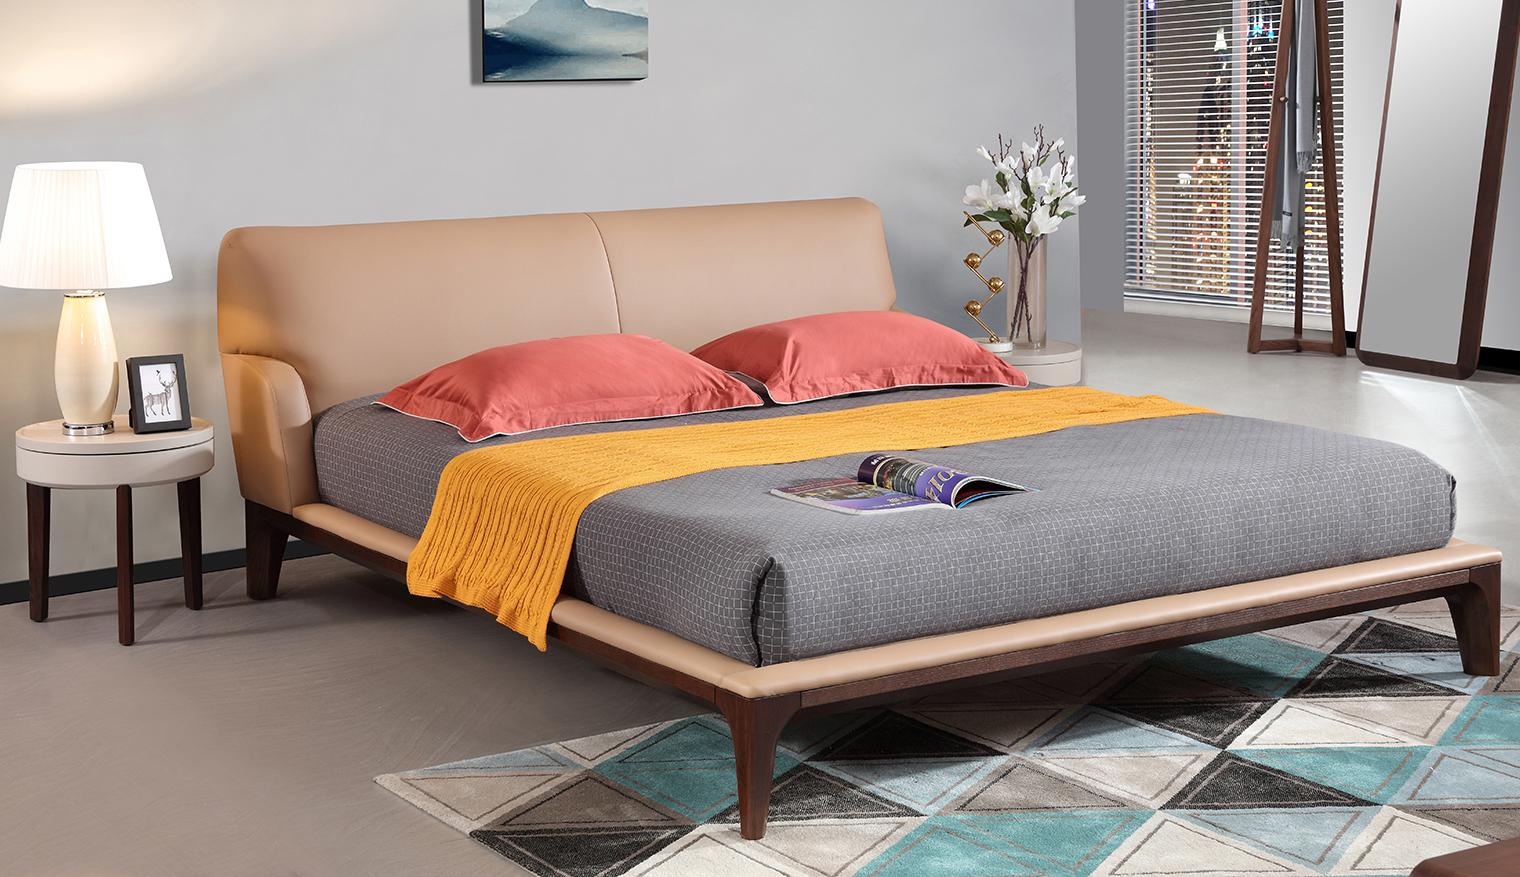 Giường ngủ đẹp hiện đại sang trọng - Nội thất Hải Phòng GNK1803